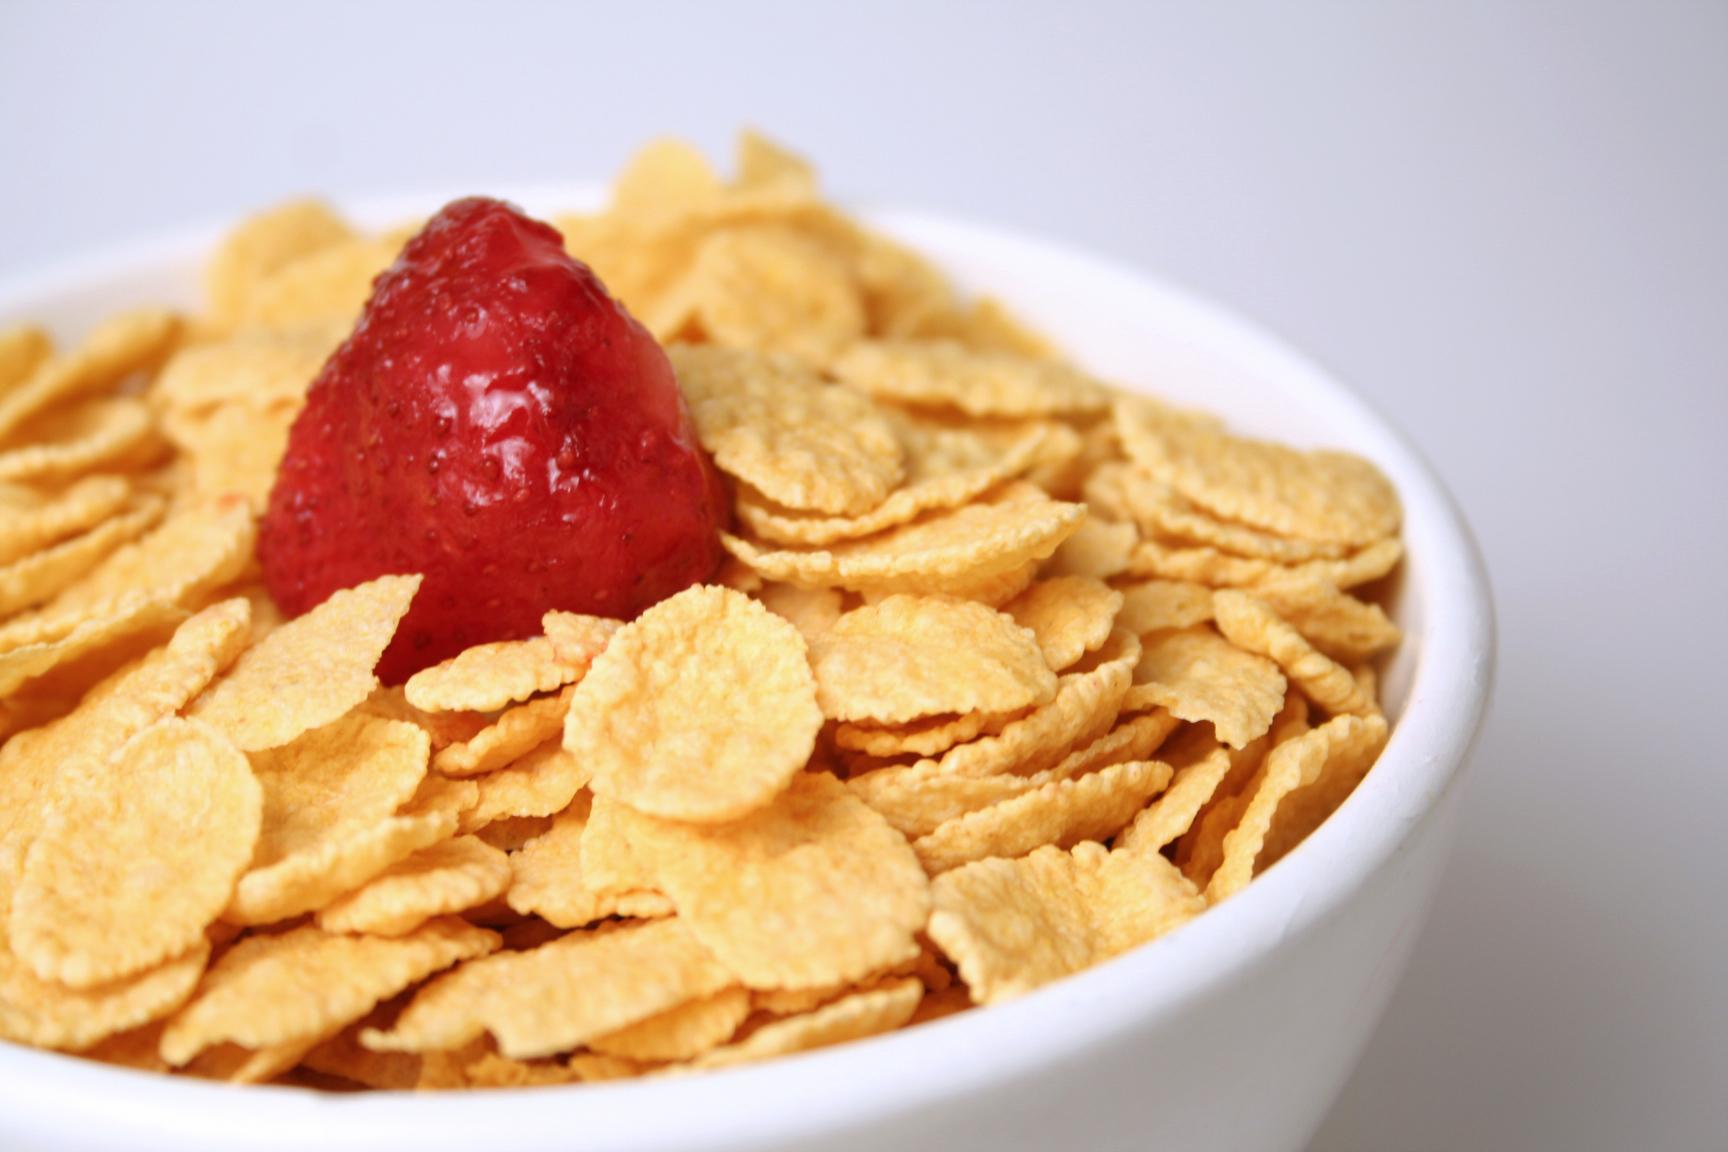 препараты для похудения ecopills raspberry